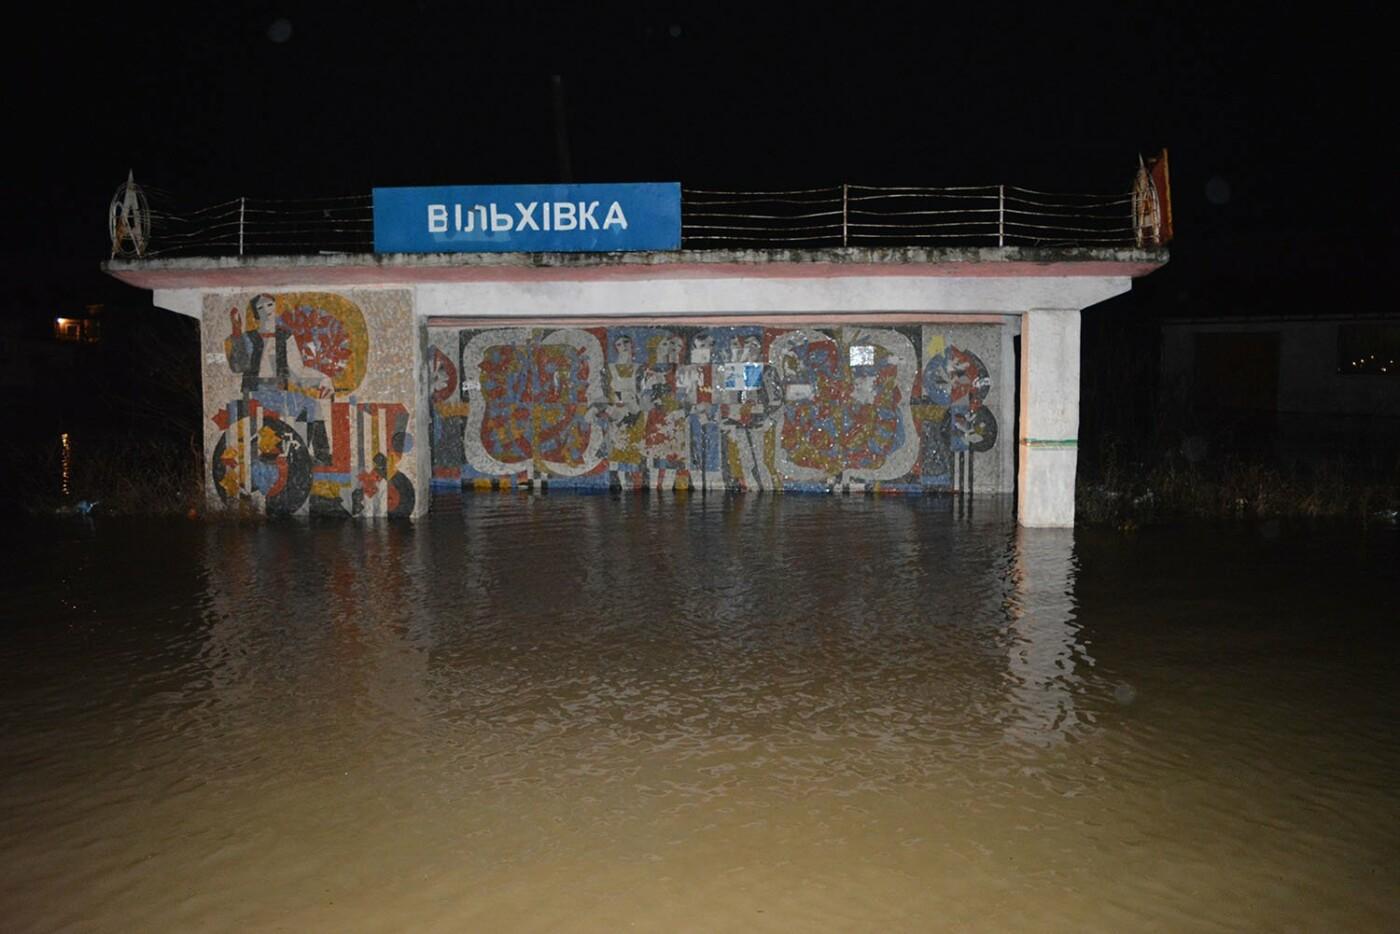 Ситуація стабілізувалася: на Закарпатті човнами евакуювали людей, постраждалих від паводку (ФОТО, ВІДЕО), фото-3